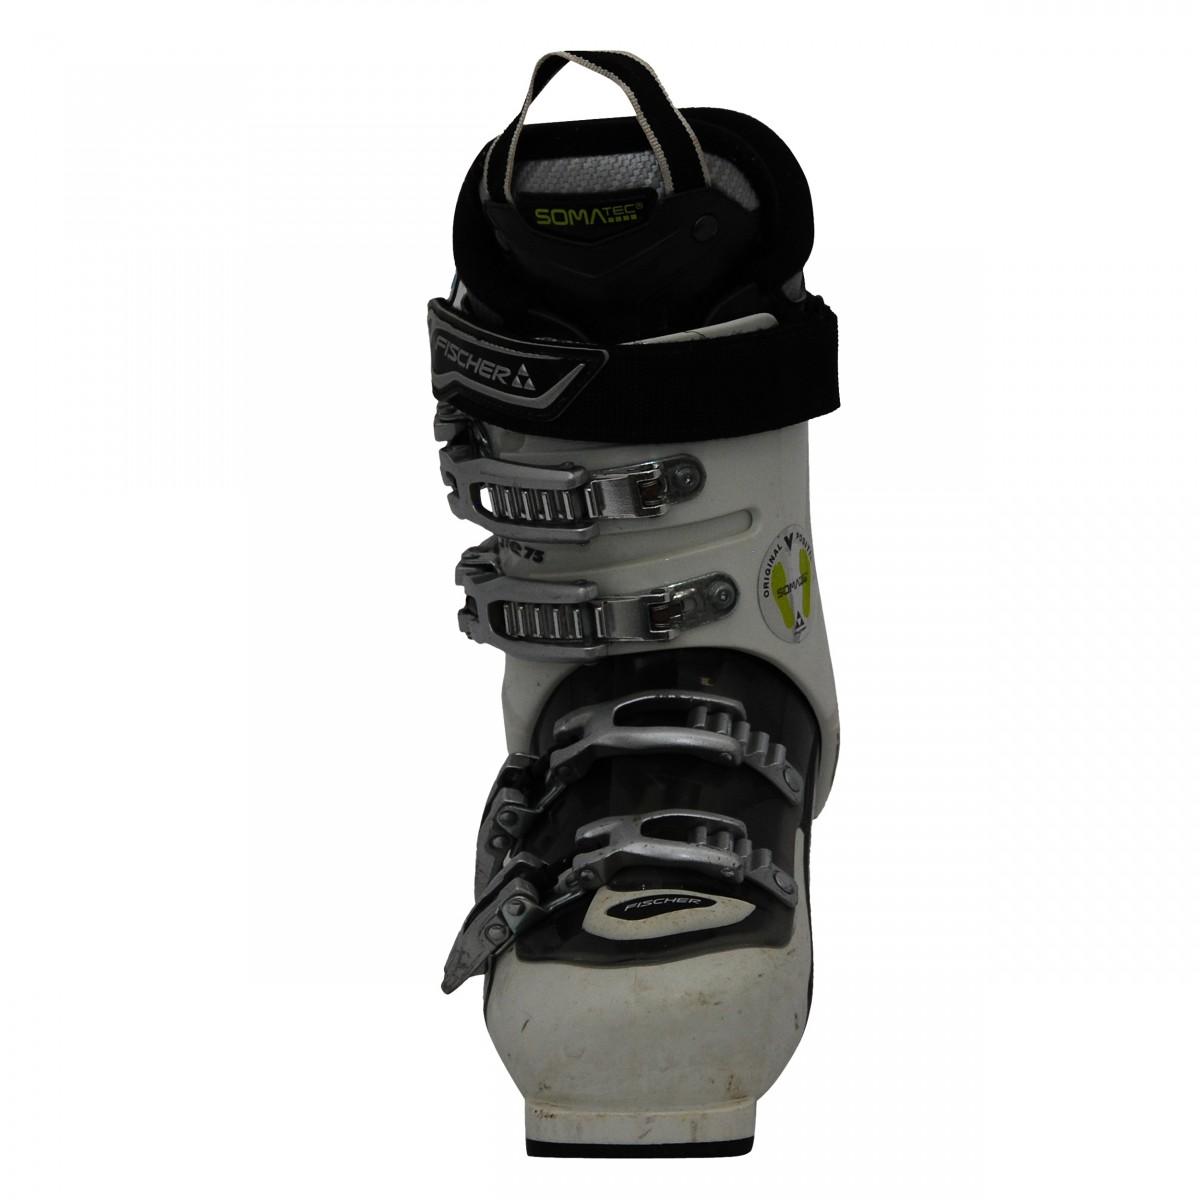 Chaussure de ski occasion femme Fischer XTR My Style 75 blanc